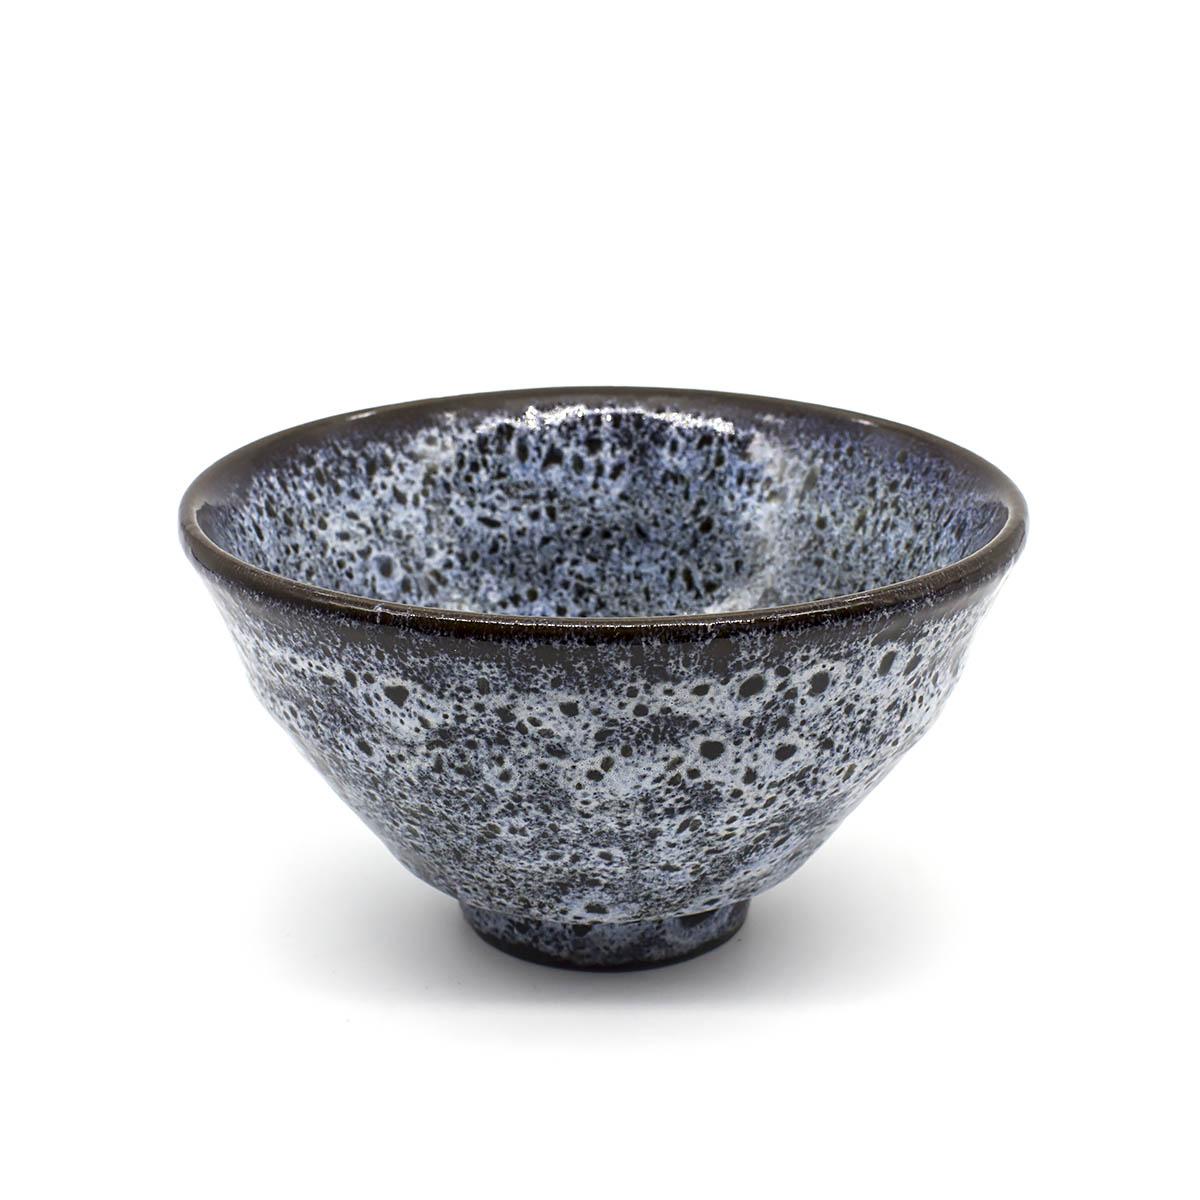 Чаша керамическая, 400 мл аромалампа индонезийская ручной росписи керамическая 12см 12 см